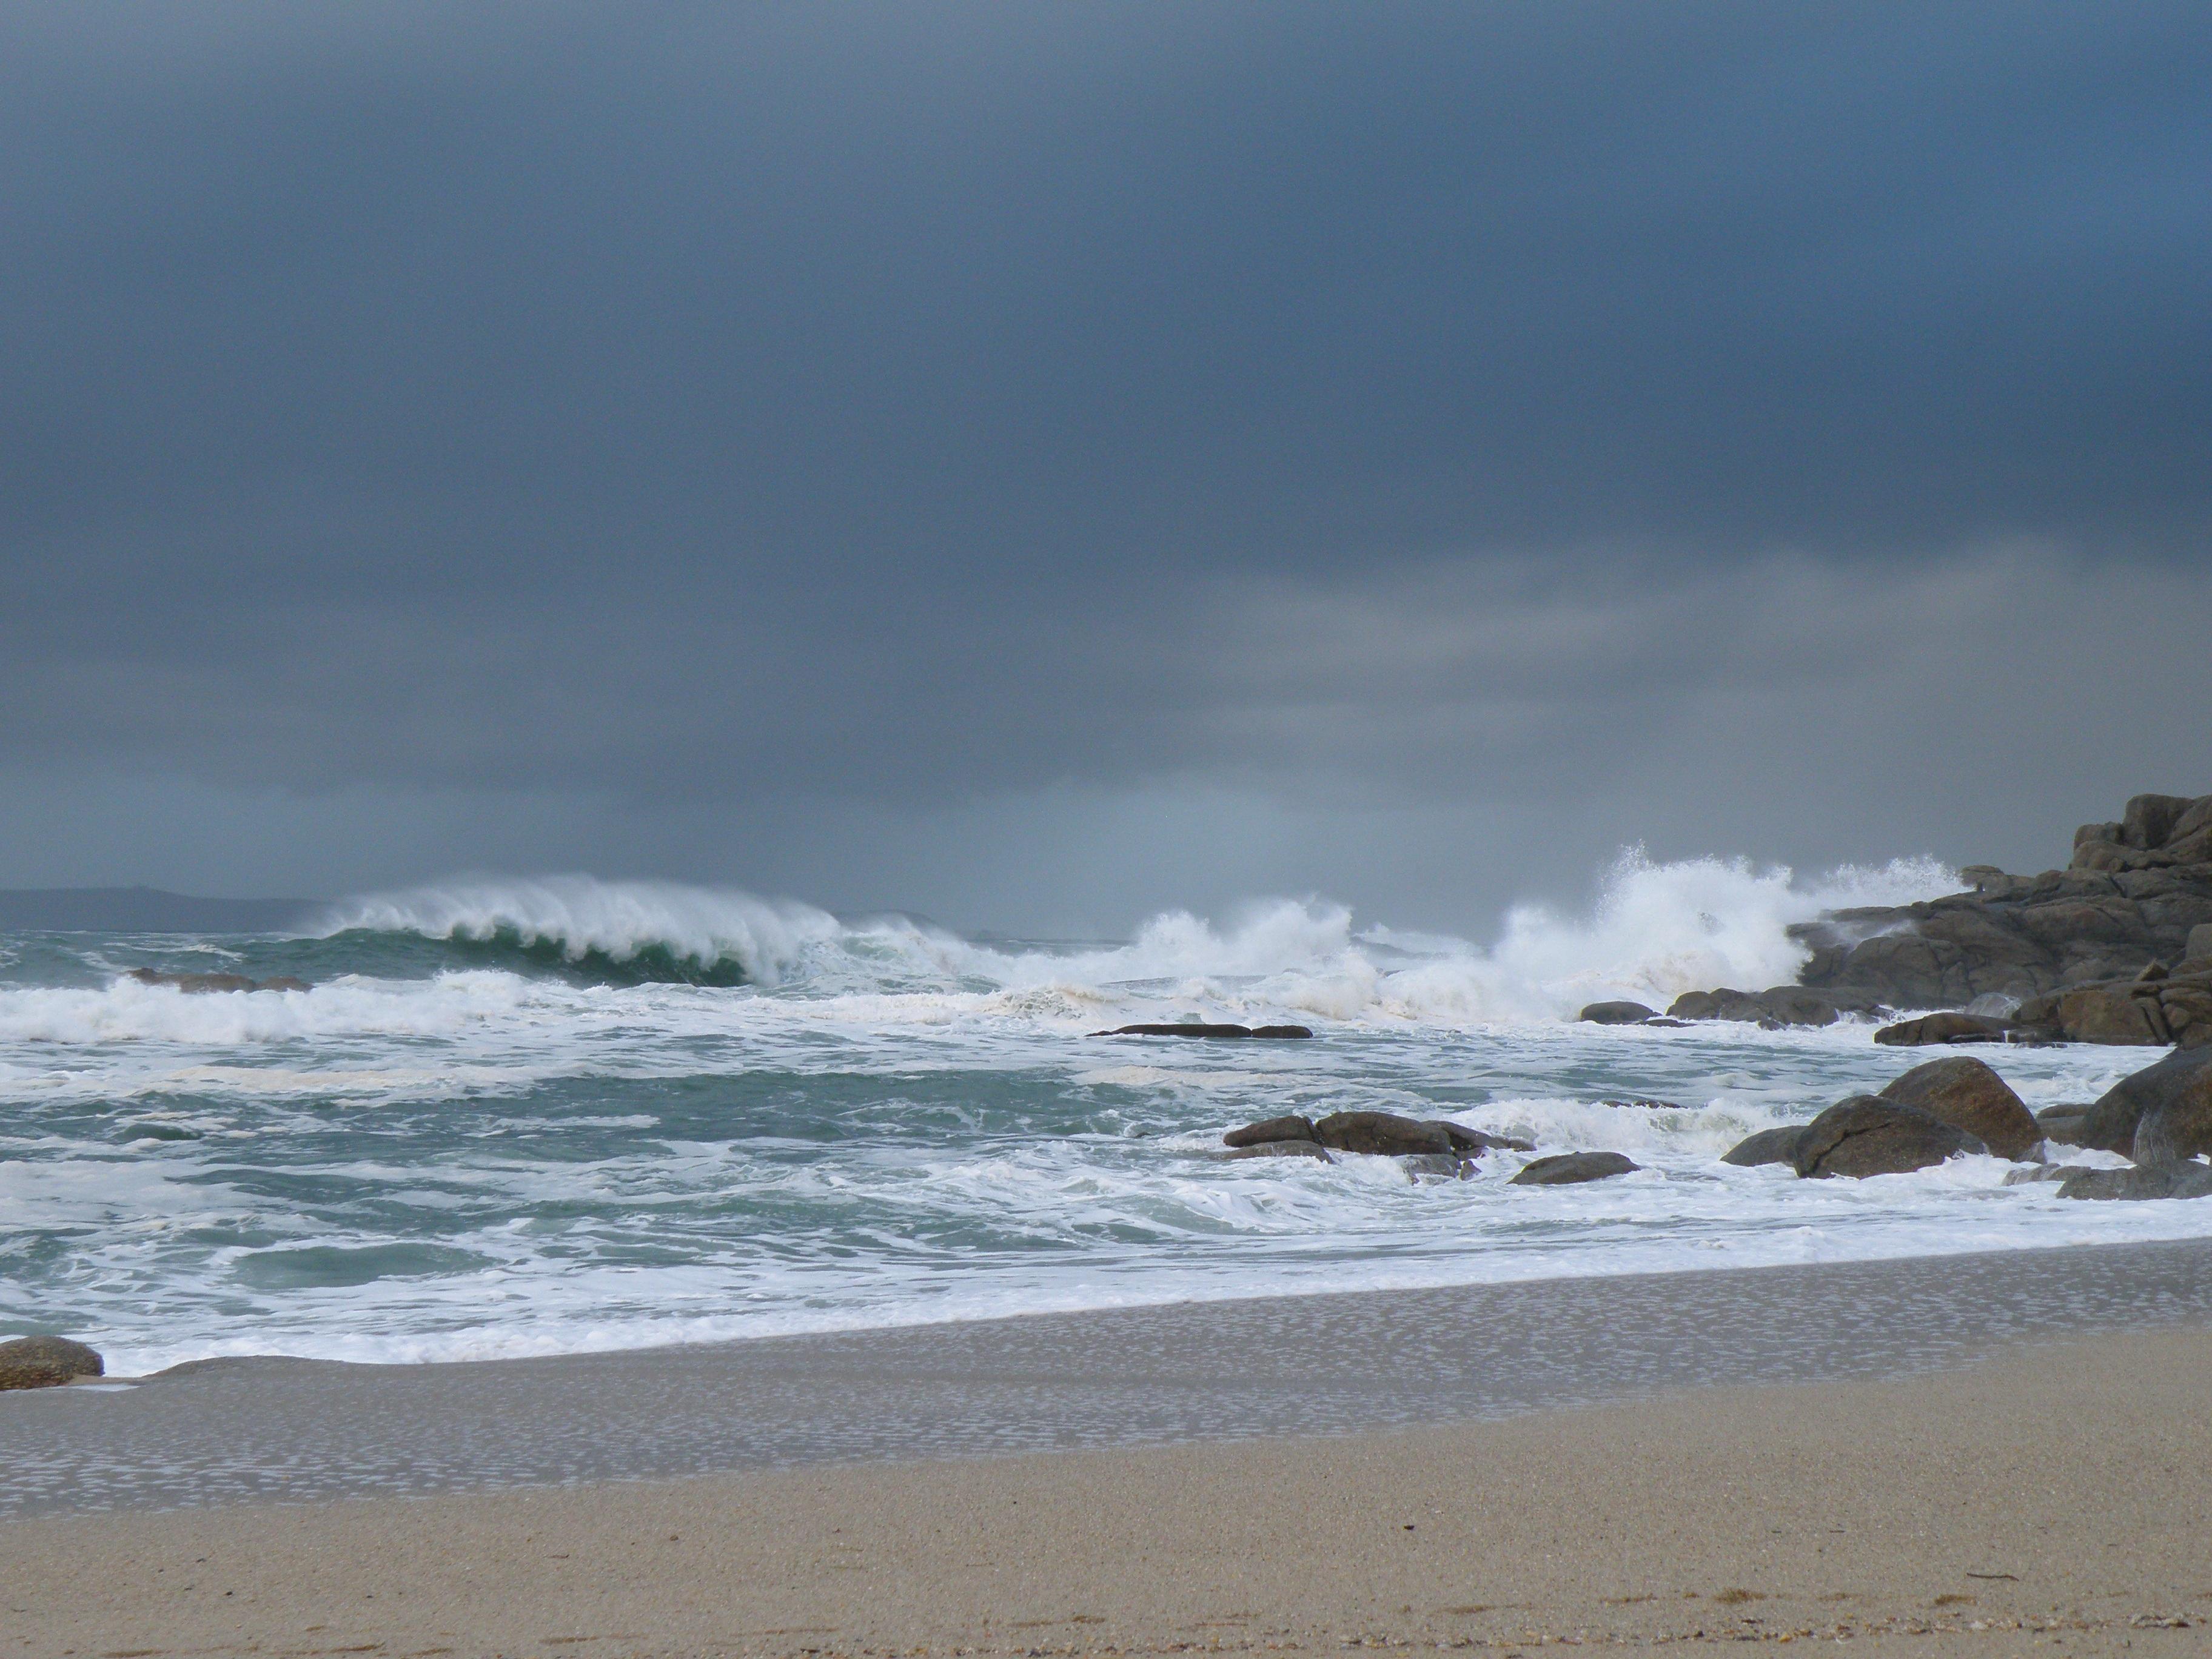 море с плохой погодой картинка для